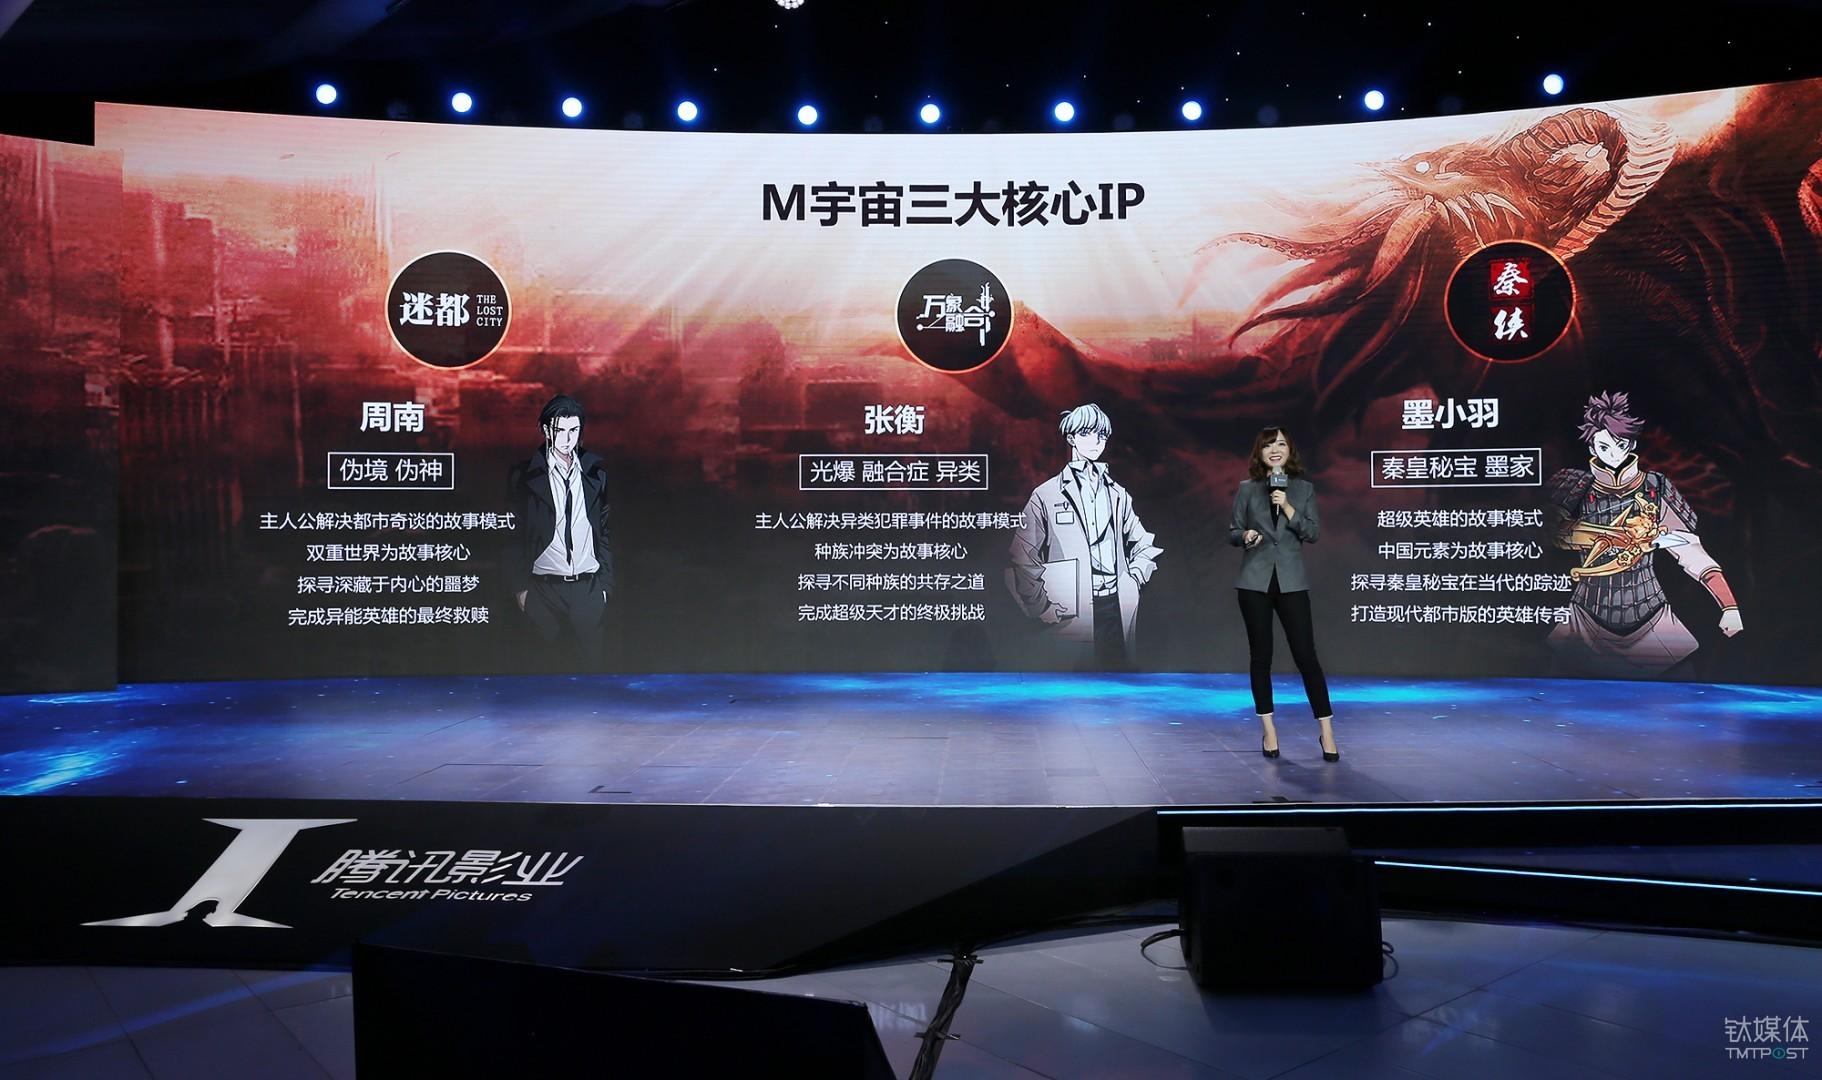 2017年腾讯影业年度发布会上,M计划